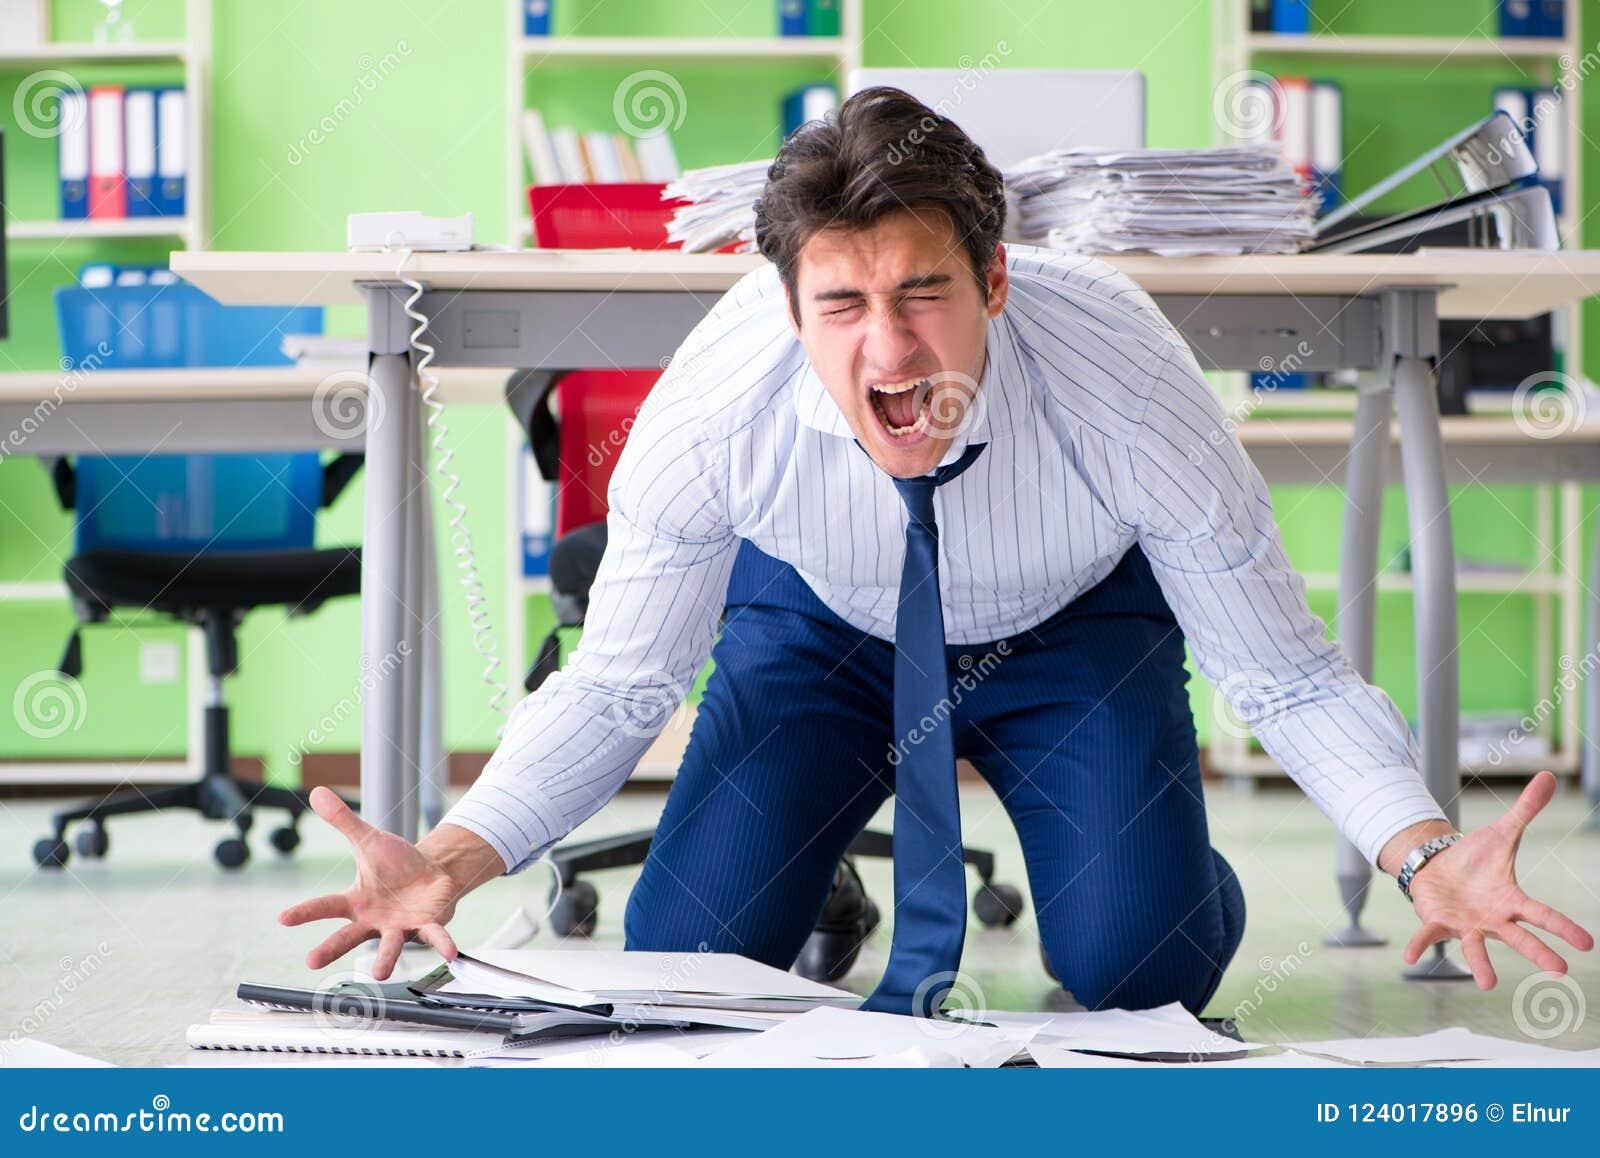 El hombre de negocios frustrado subrayado de trabajo excesivo